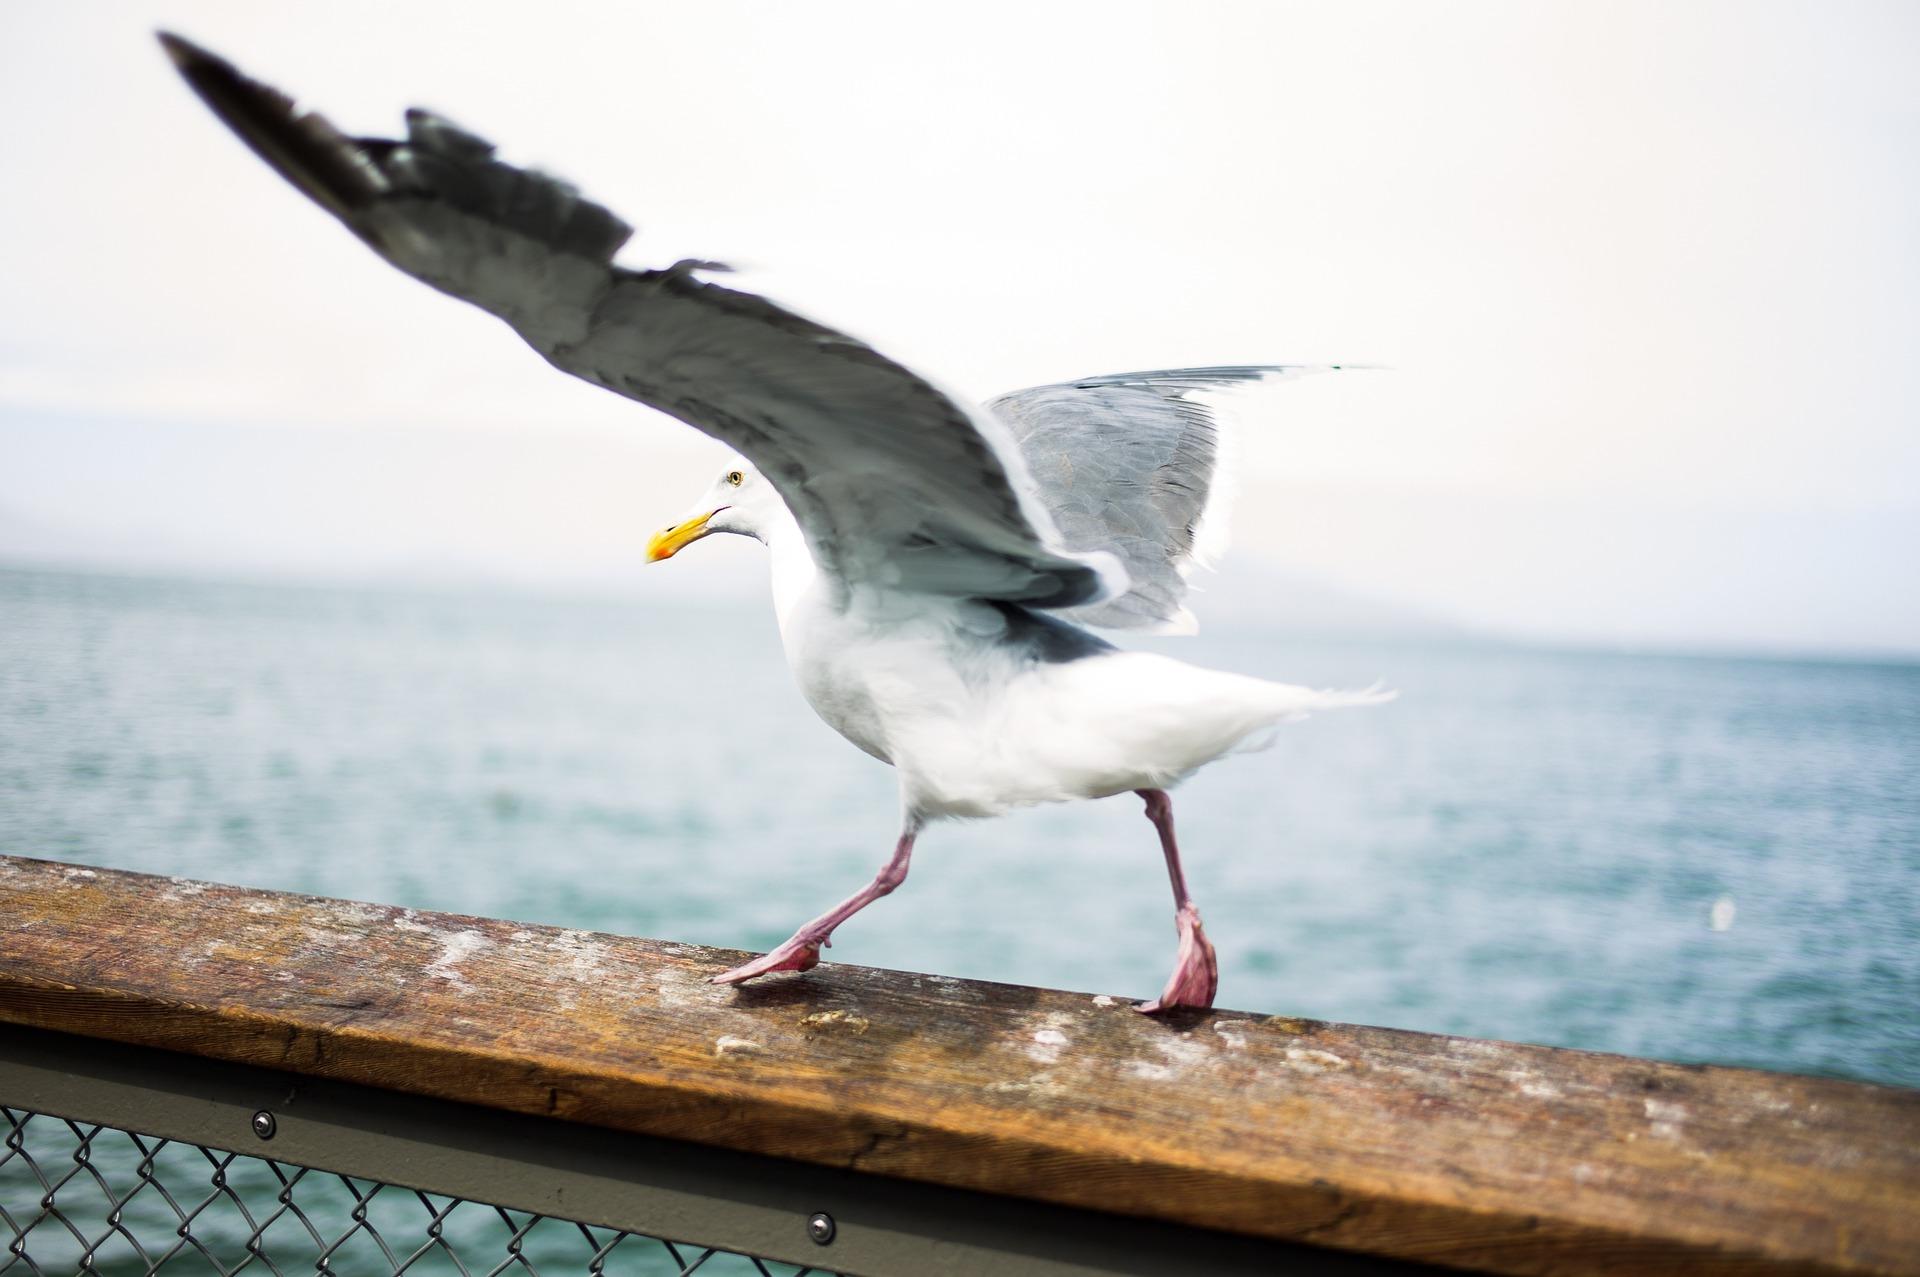 Mouette, ailes, oiseaux marins, Ave, envergure, Mer - Fonds d'écran HD - Professor-falken.com